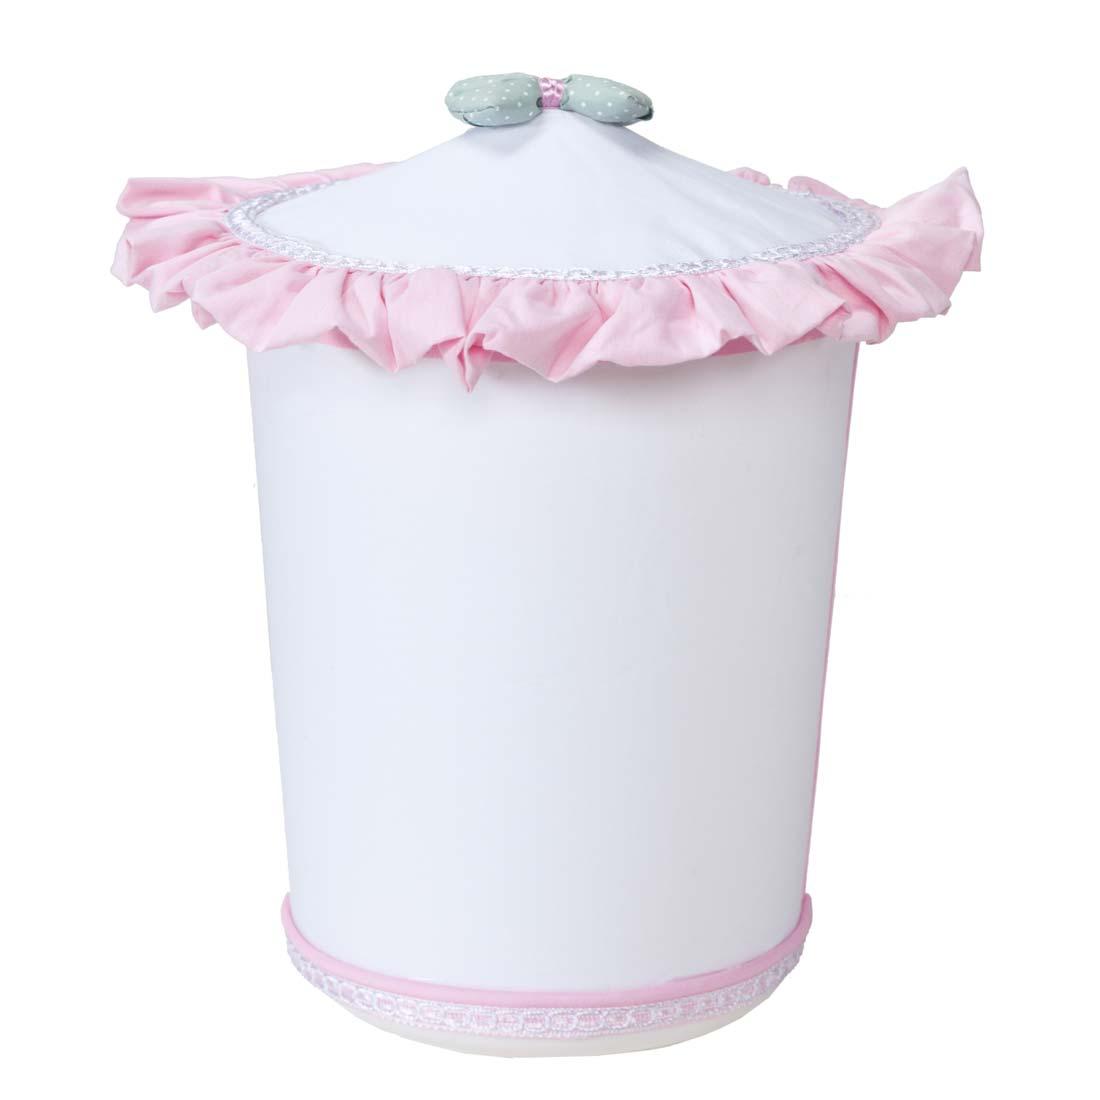 Lixeira Enfeitada para Quarto de Bebê Coleção Baby Florence - Rosa